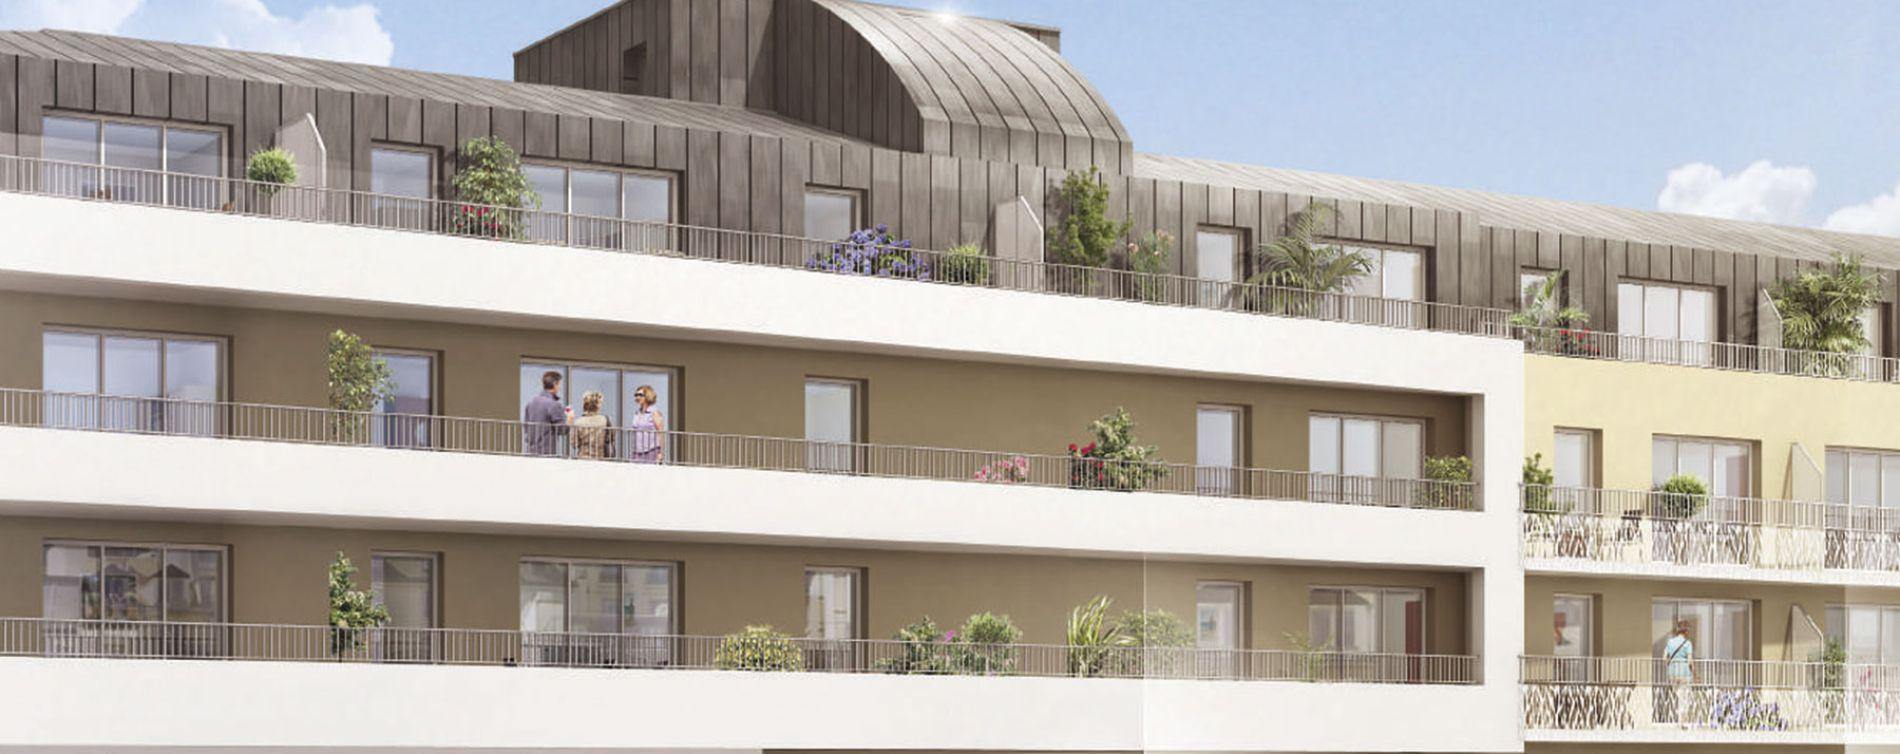 Thouaré-sur-Loire : programme immobilier neuve « Amelys » (2)